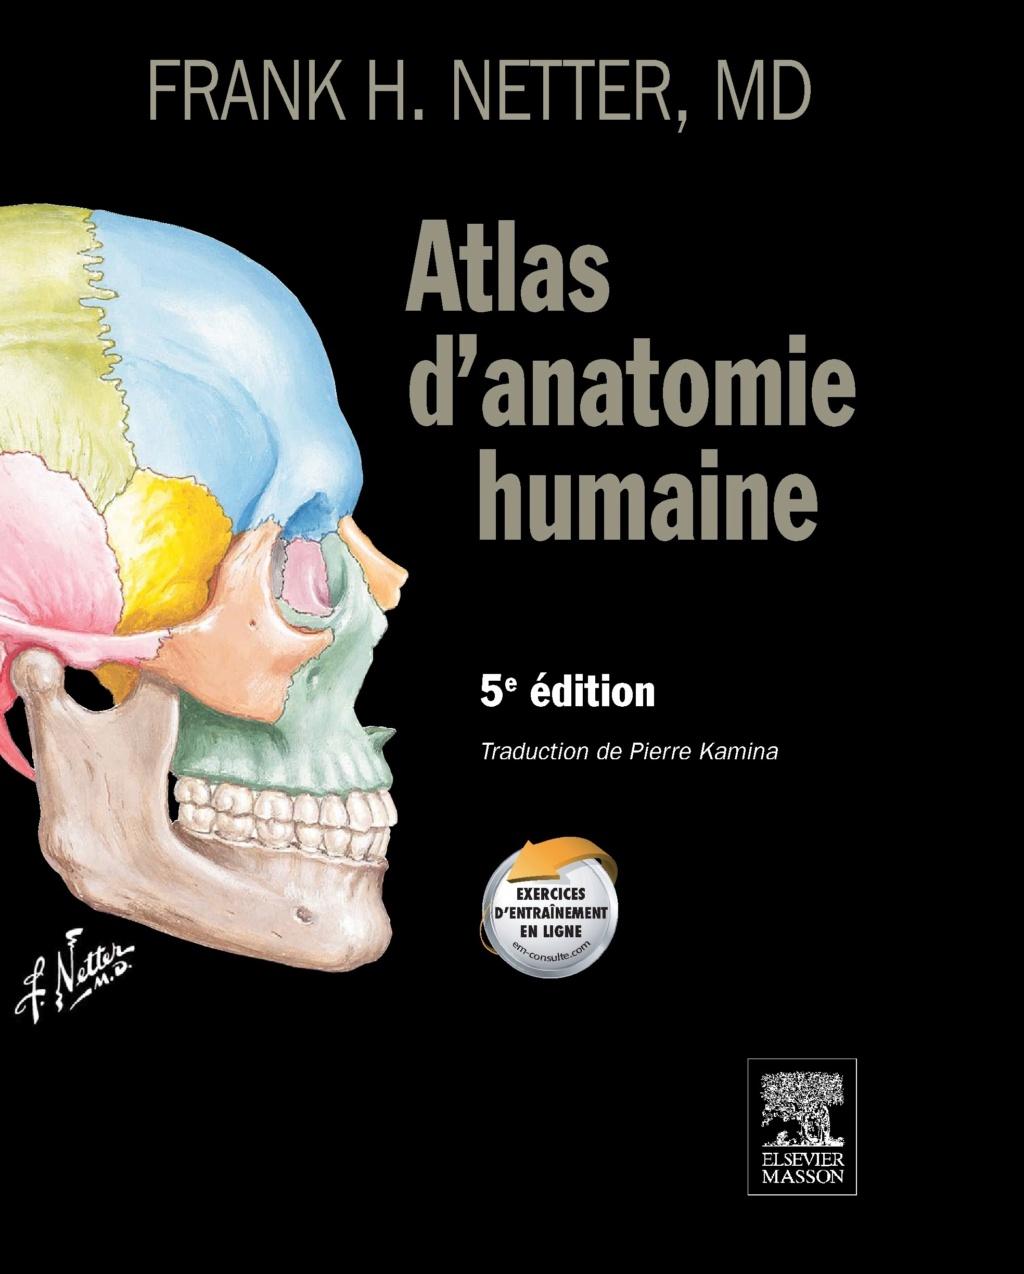 Livres Médicales - Atlas d'anatomie humaine (5e édition) - Page 2 Atlas_10